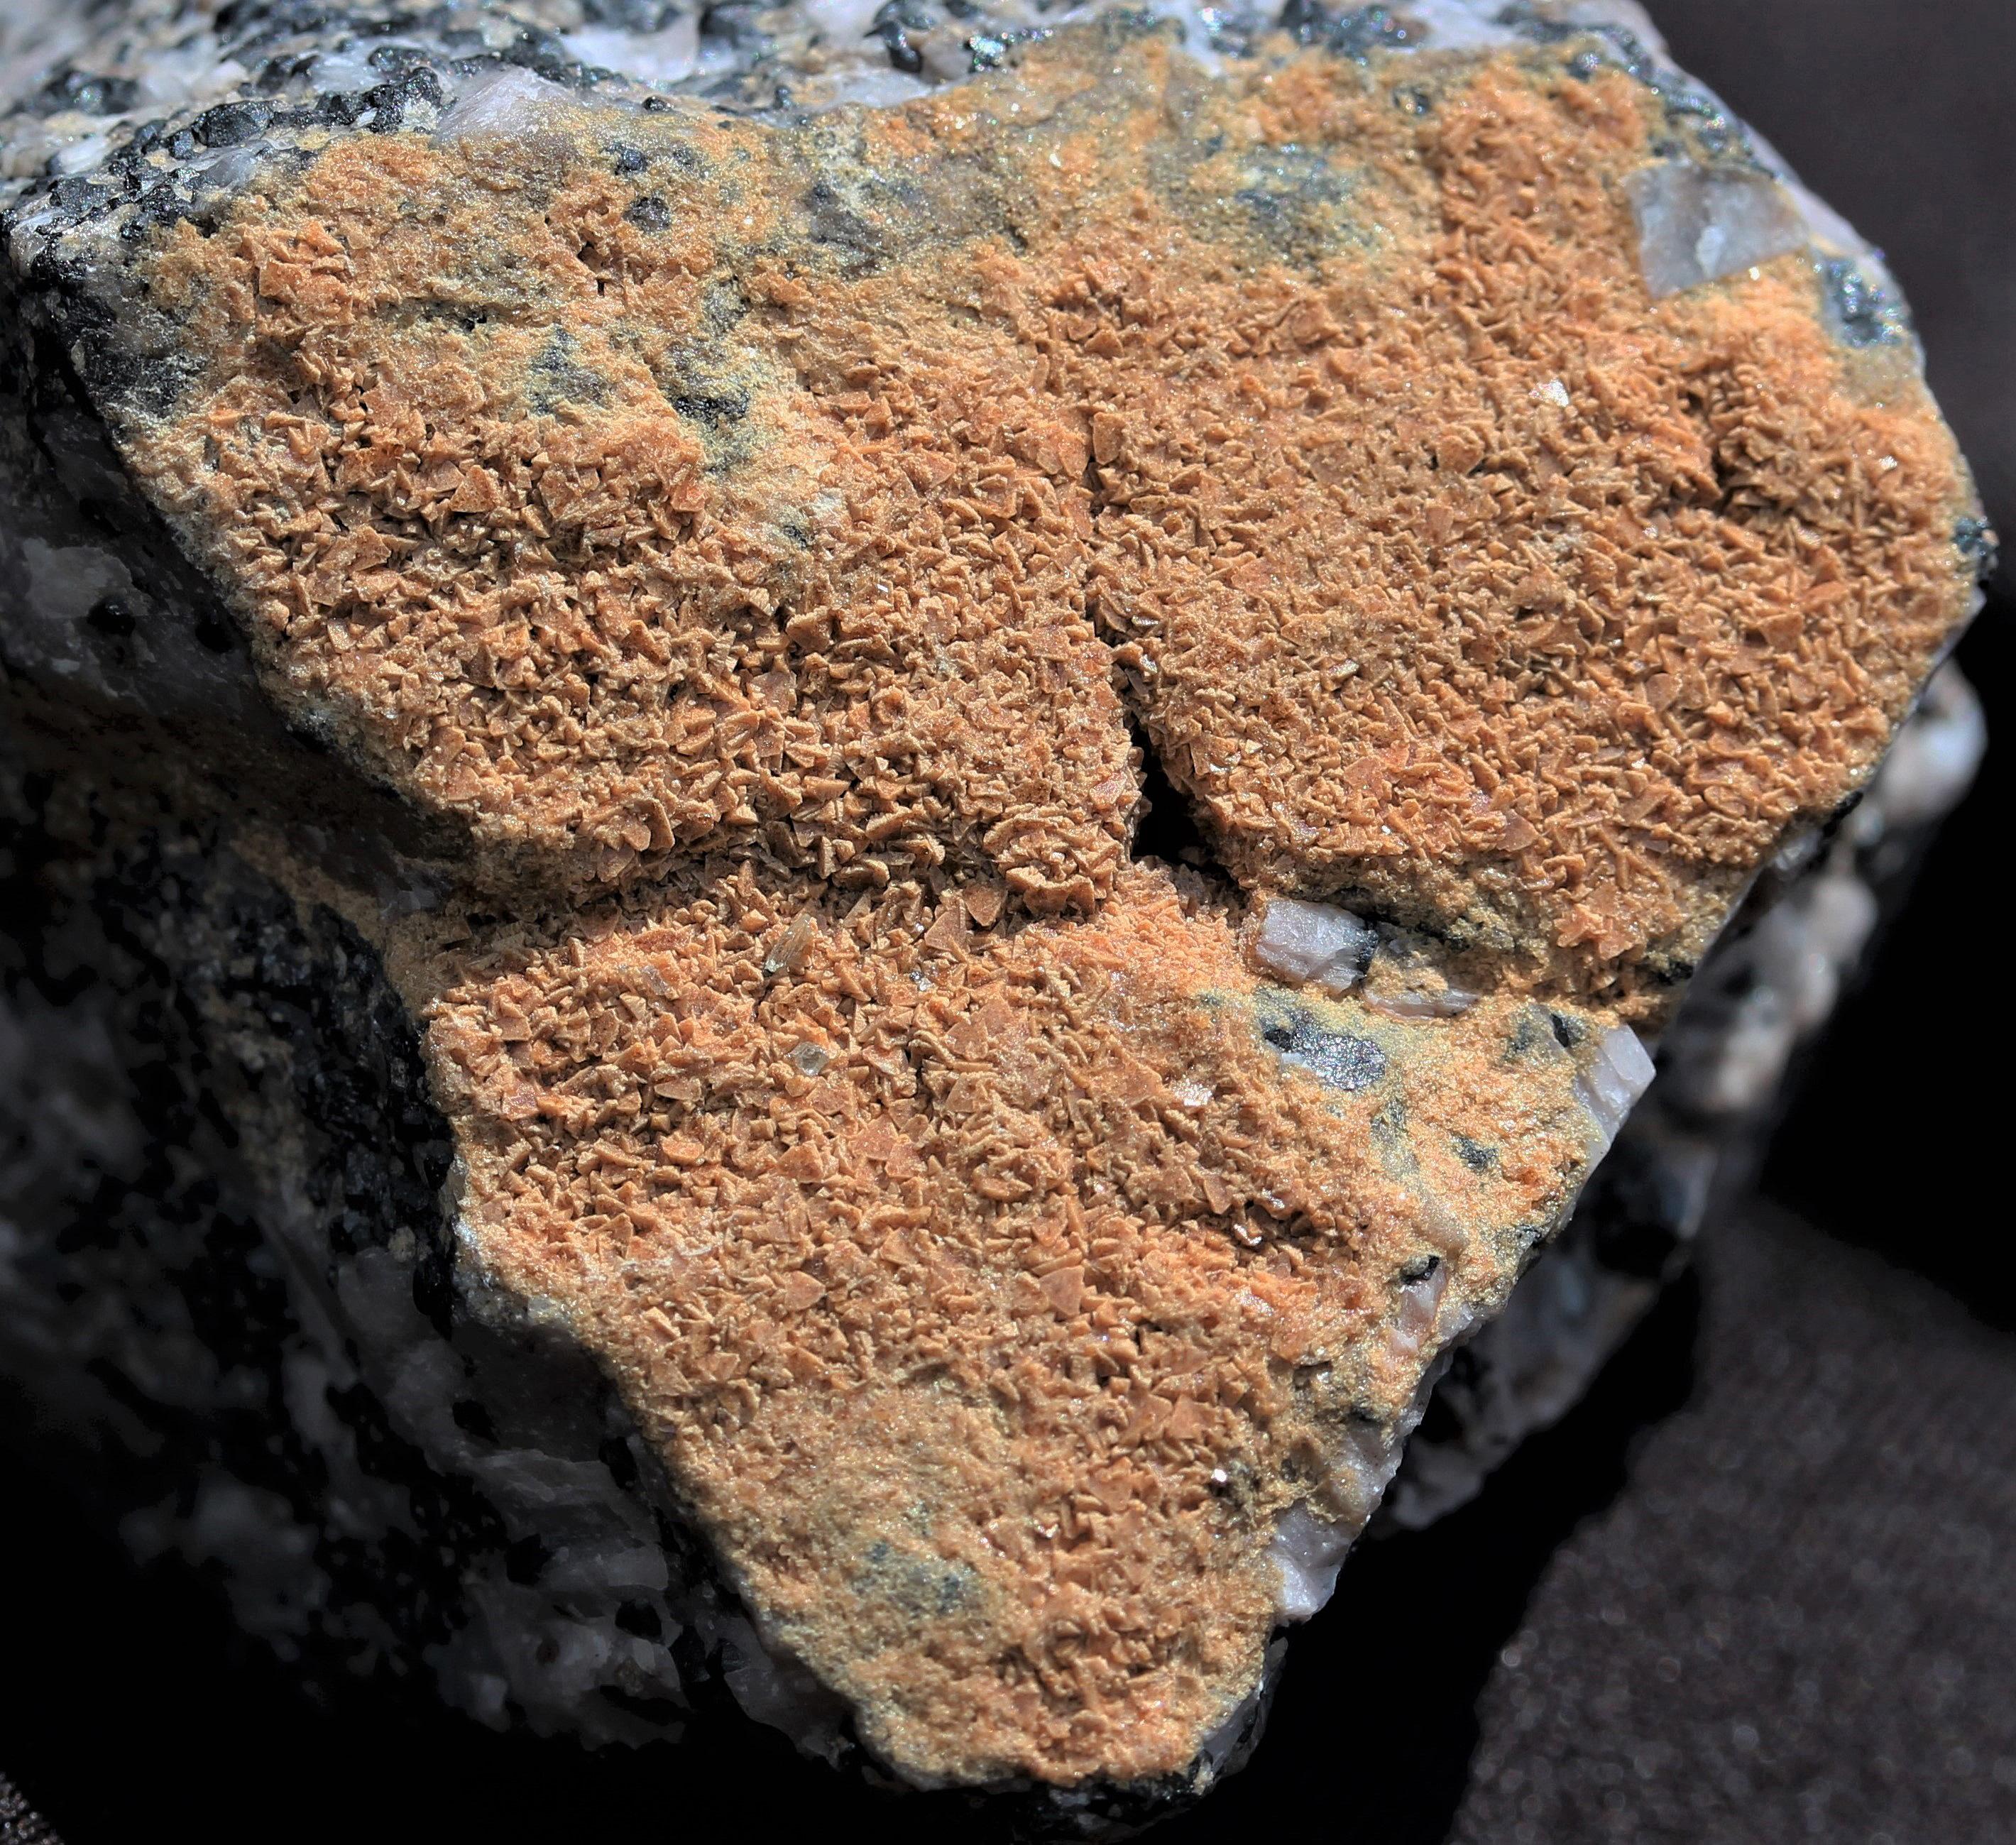 Friedelite crystals on calcite, franklinite matrix from Sterling Hill Mine, Ogdensburg, NJ